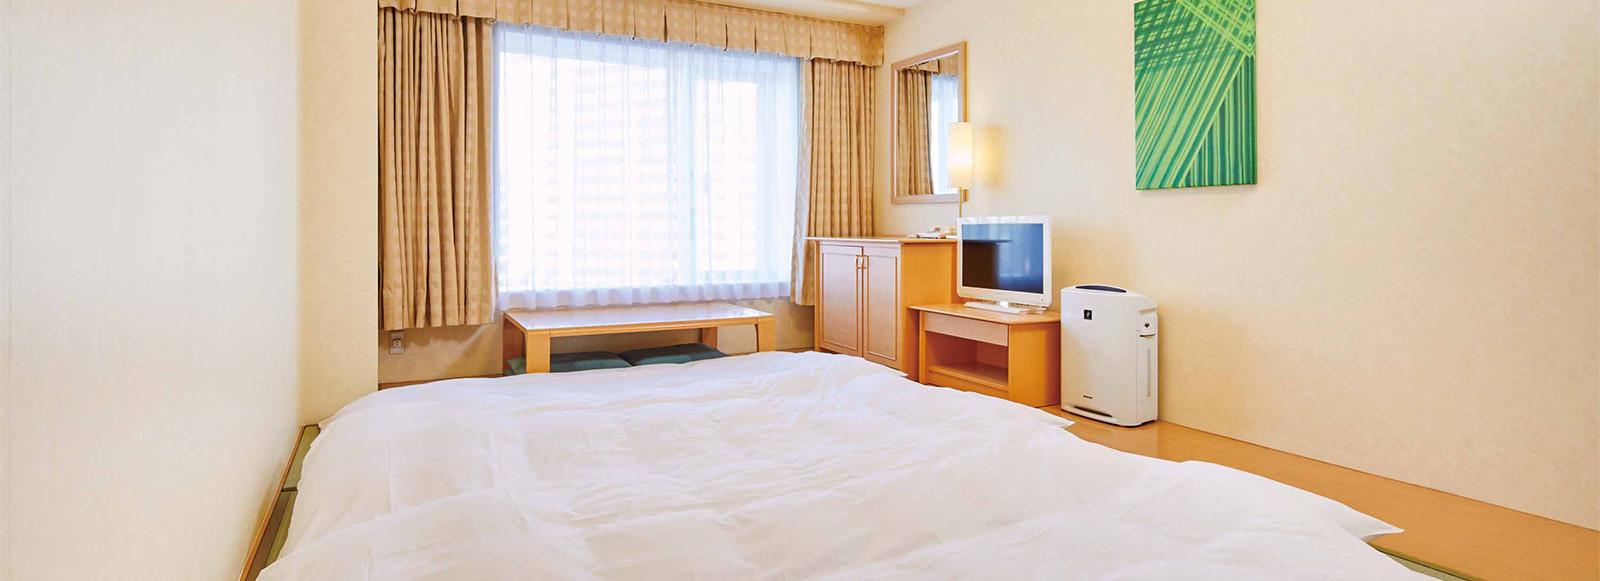 和室|ホテル エミオン東京ベイ/ディズニーランド周辺 -浦安・新浦安